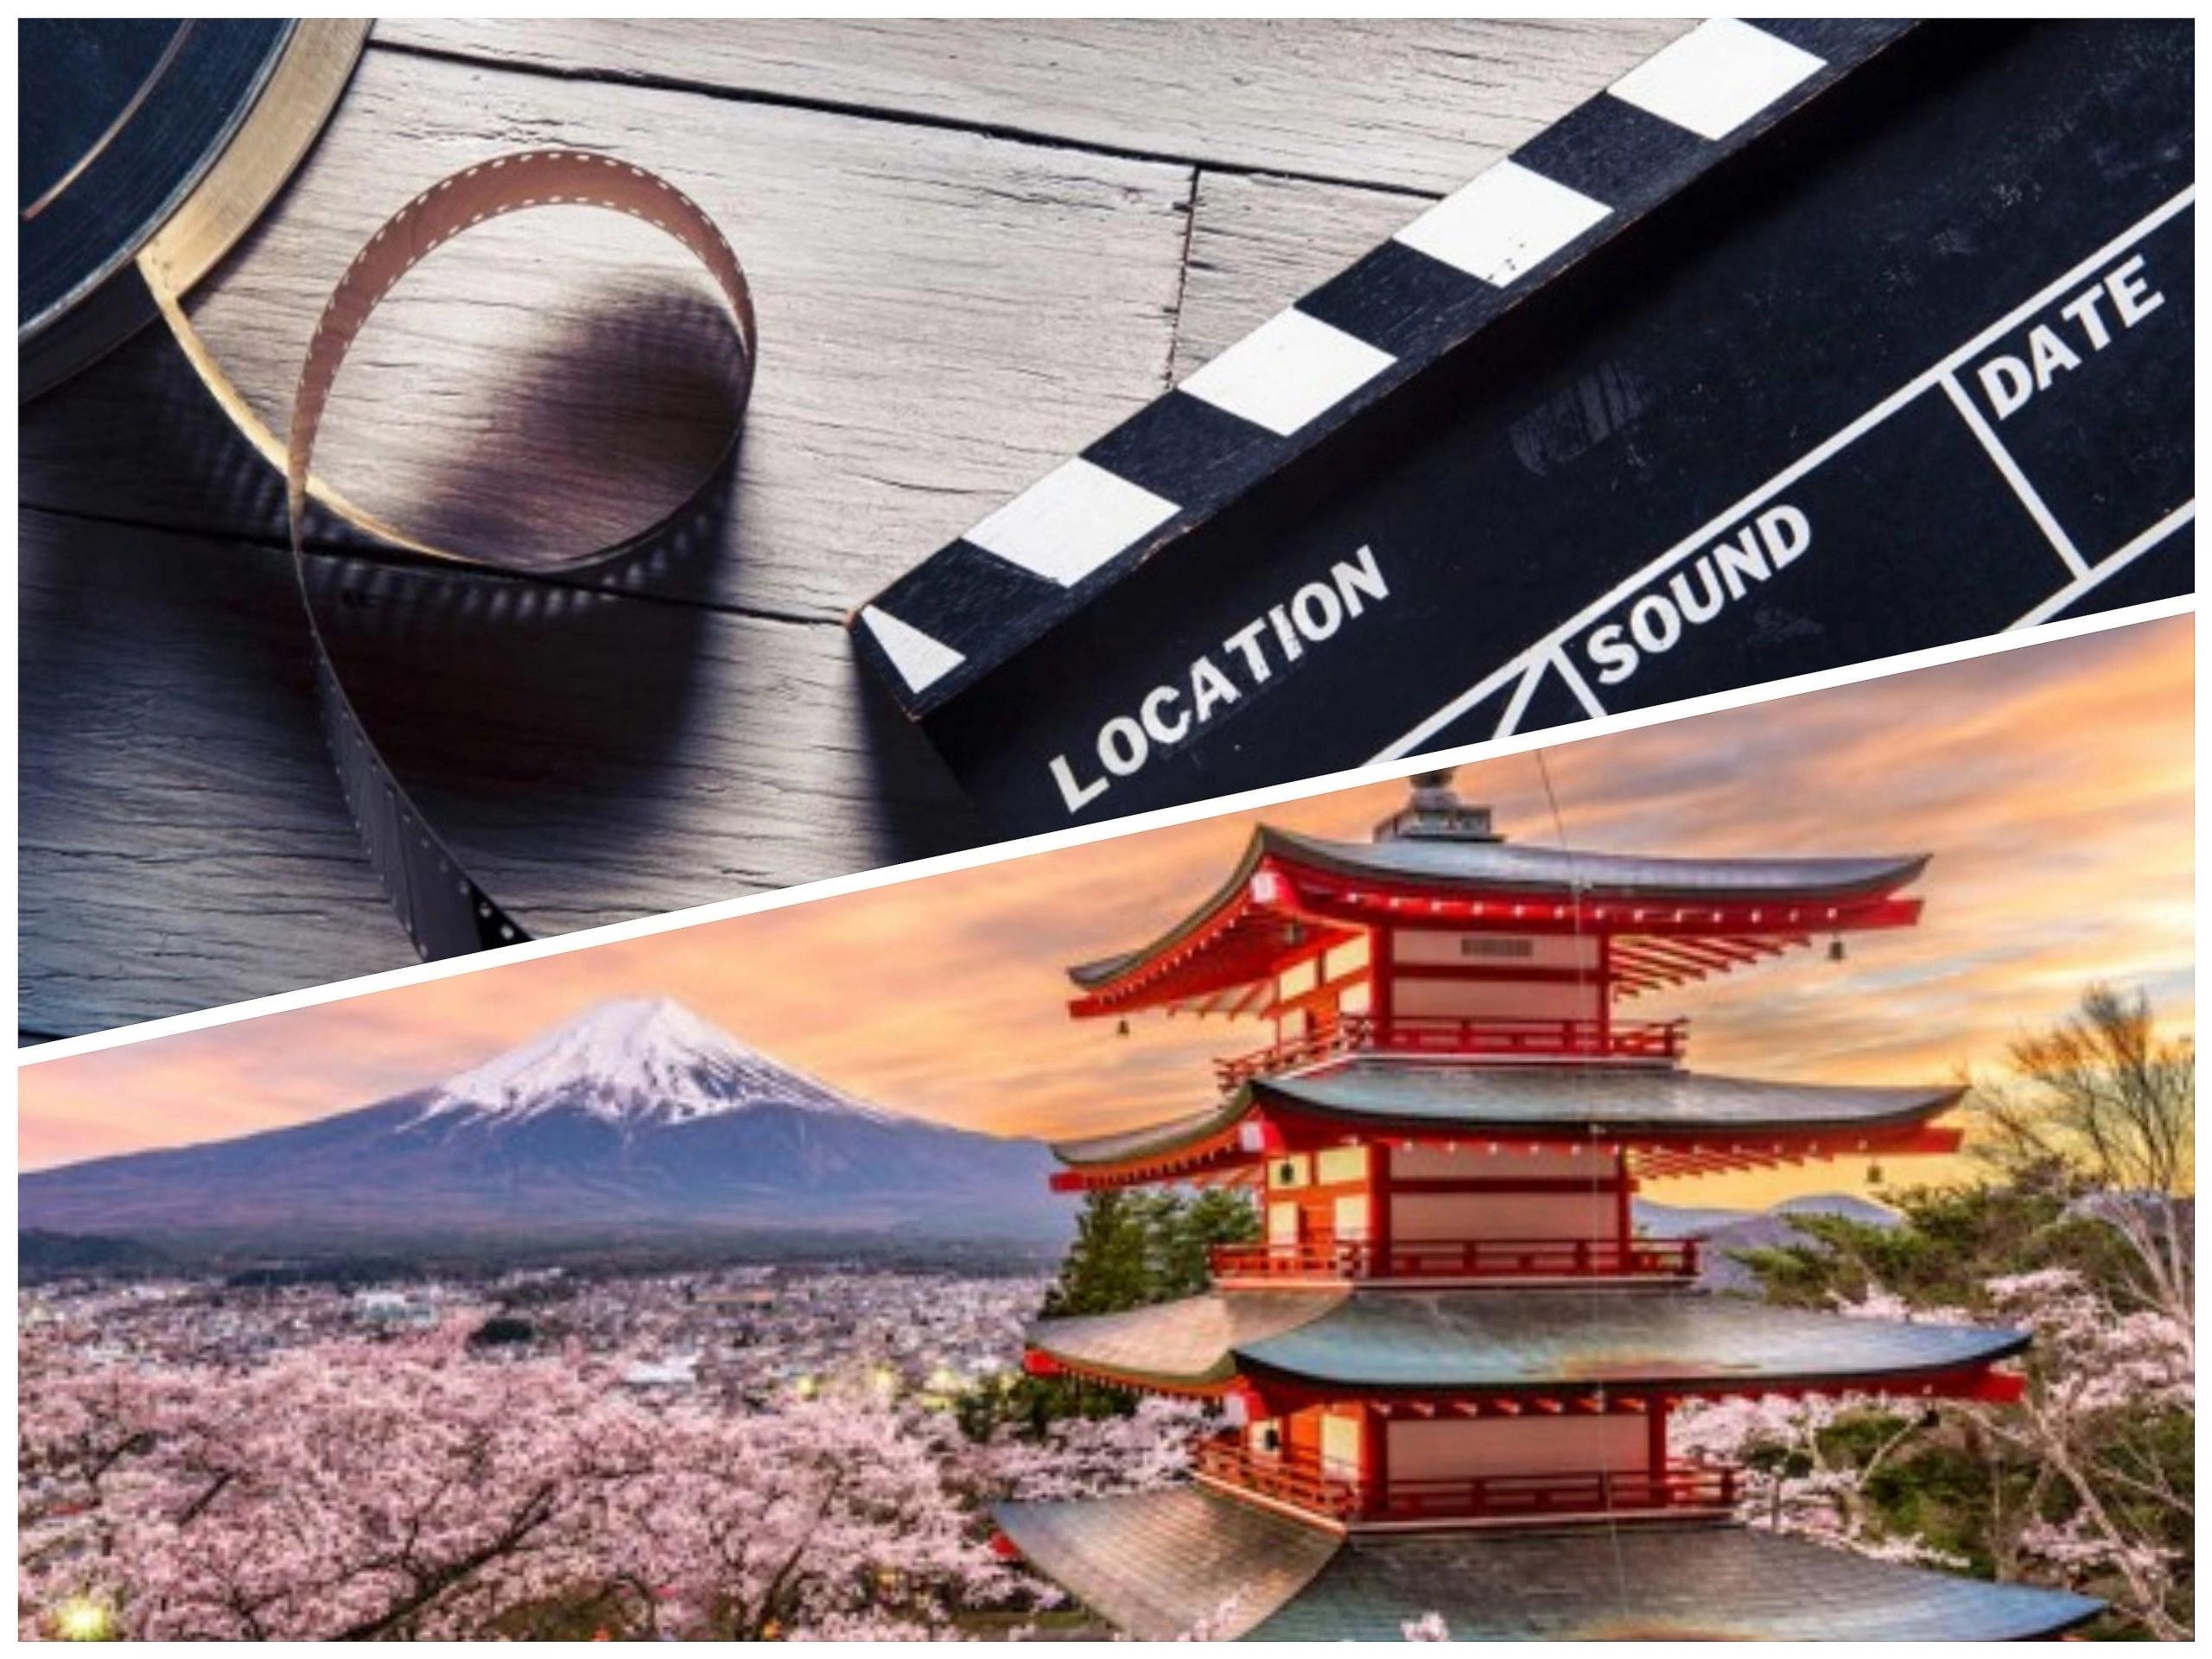 Location del cinema e cultura giapponese, due nuove rubriche stanno arrivando su Do it Nerd!